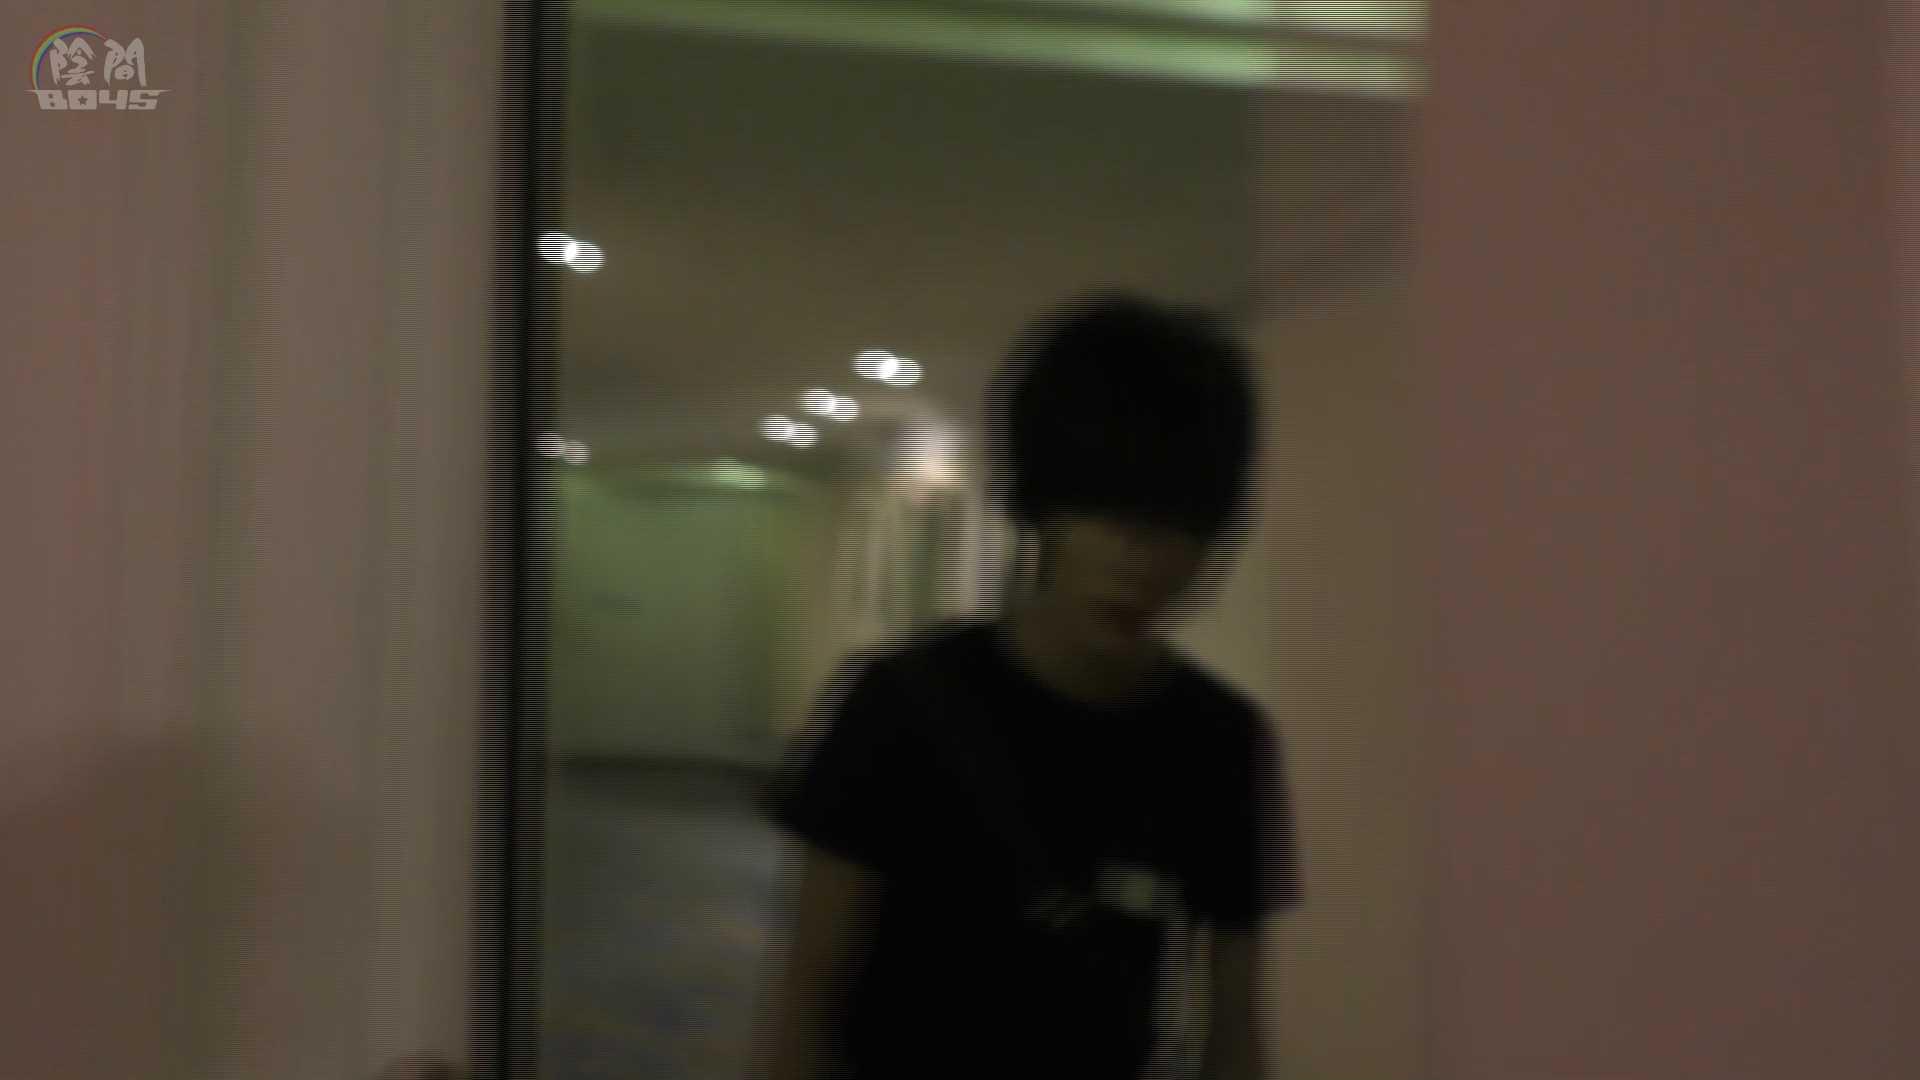 """ADのお仕事part3 part3 No.01""""アナルやばいっす"""" 三ツ星シリーズ ゲイ丸見え画像 116枚 36"""